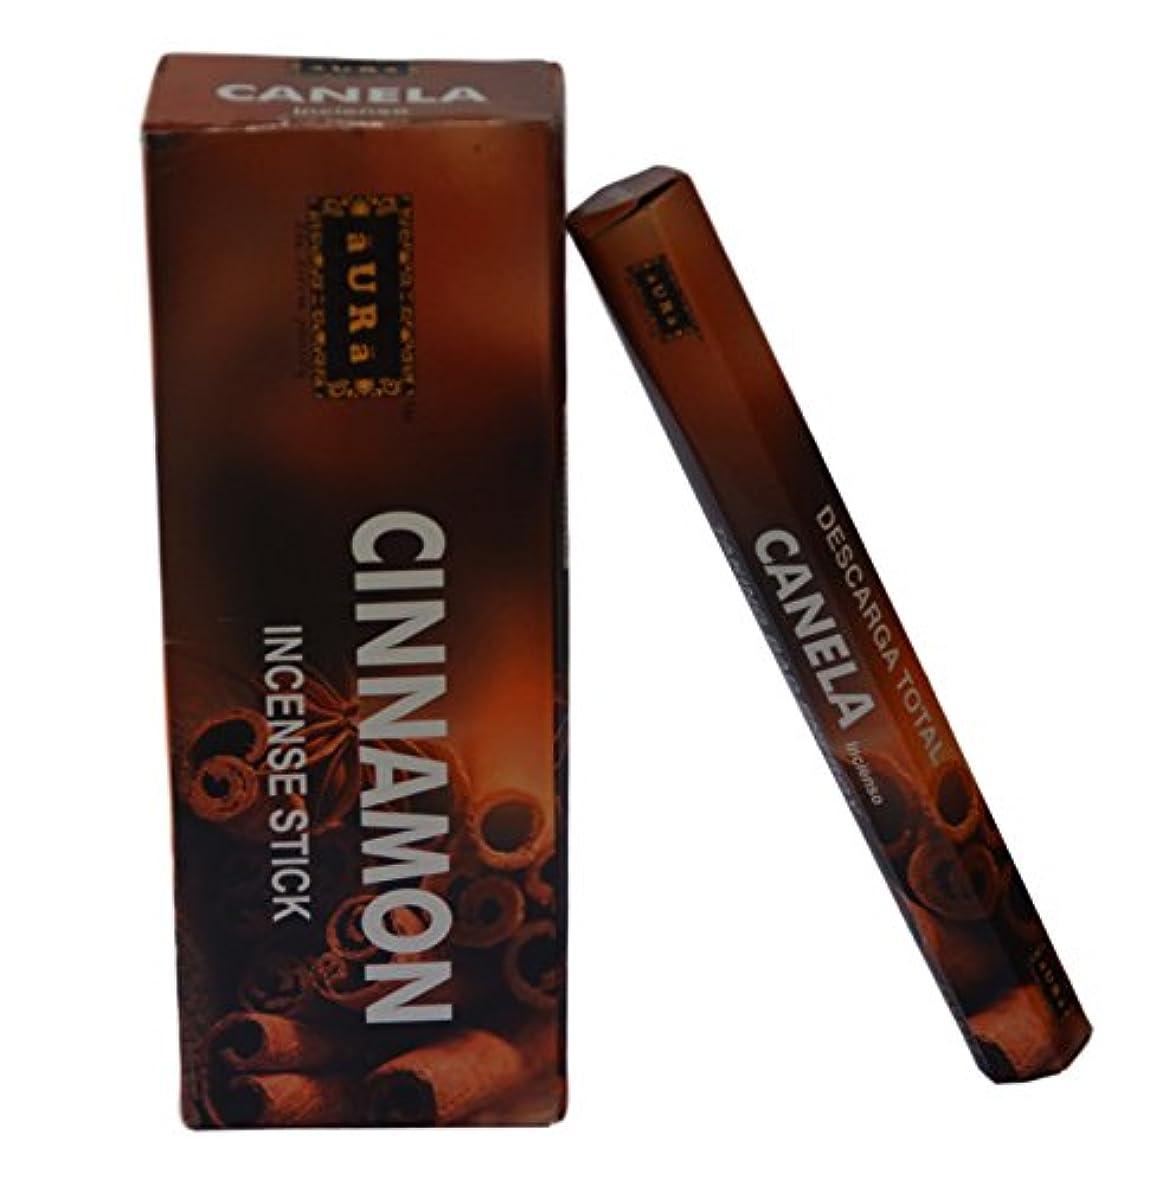 プレゼンターアシスト発明オーラCinnamon Scented Incense Sticks、プレミアム天然Incense Sticks、六角packing- 120 Sticks